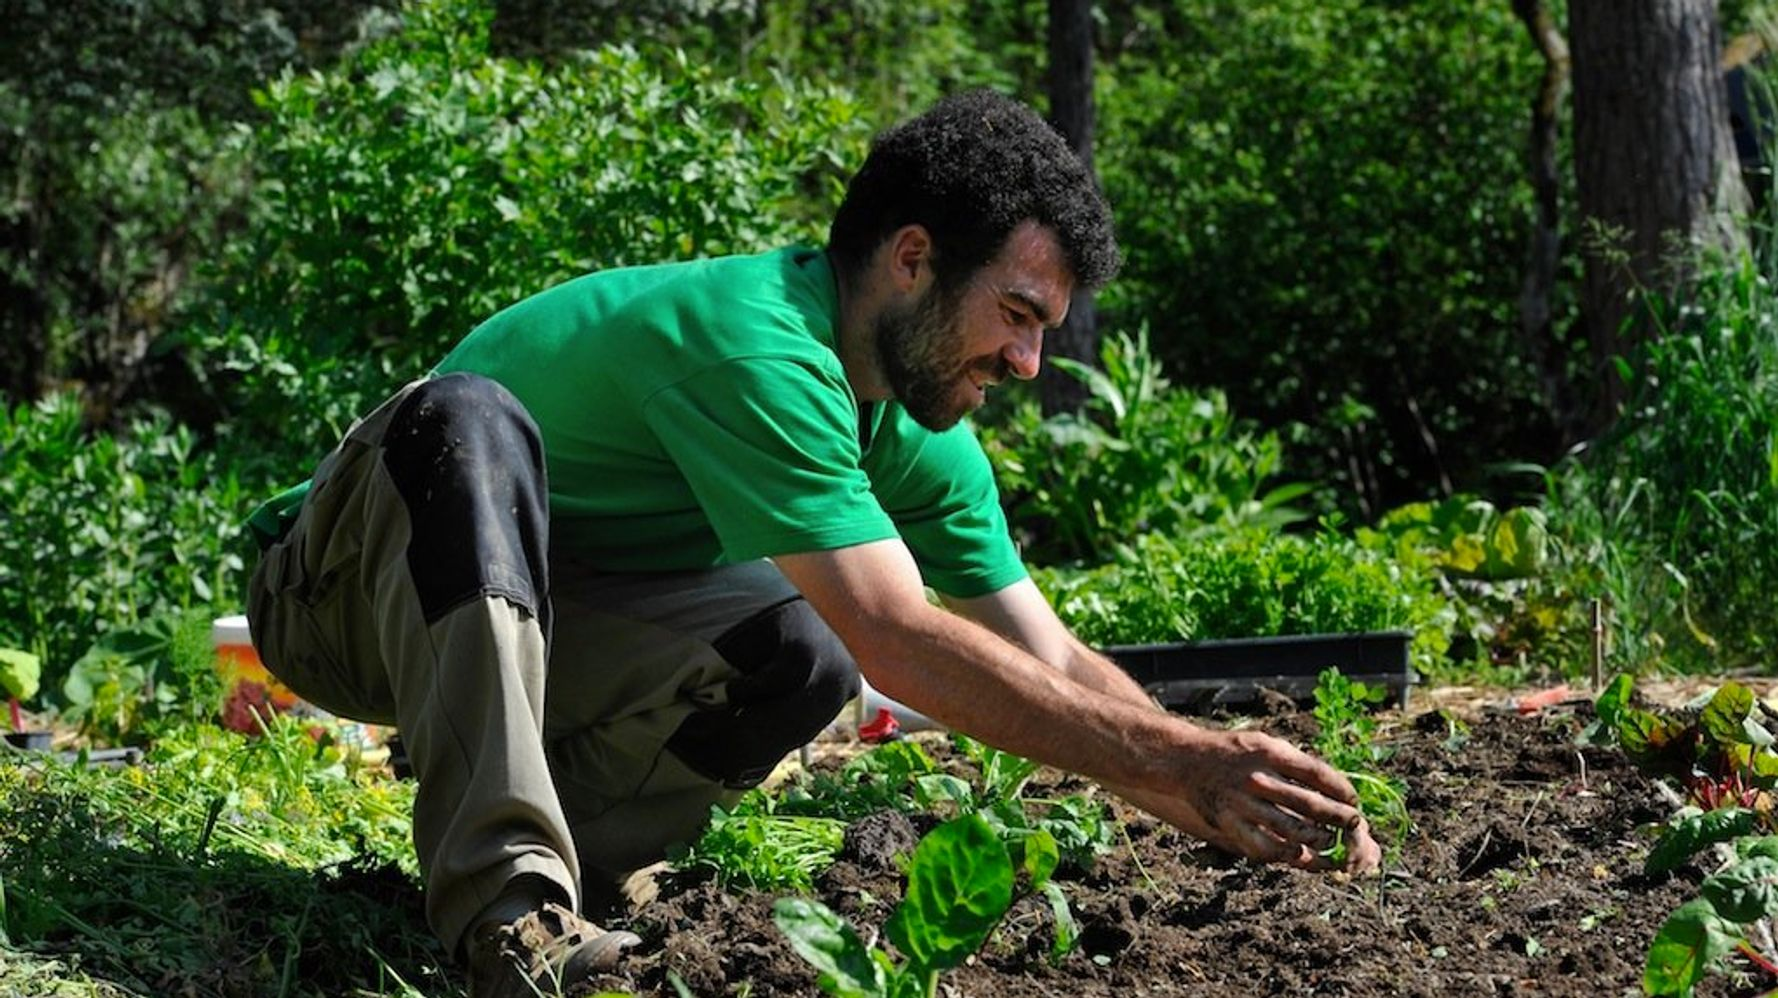 Comment Arroser Jardin Pendant Vacances les réflexes à avoir pour bien entretenir son jardin pendant